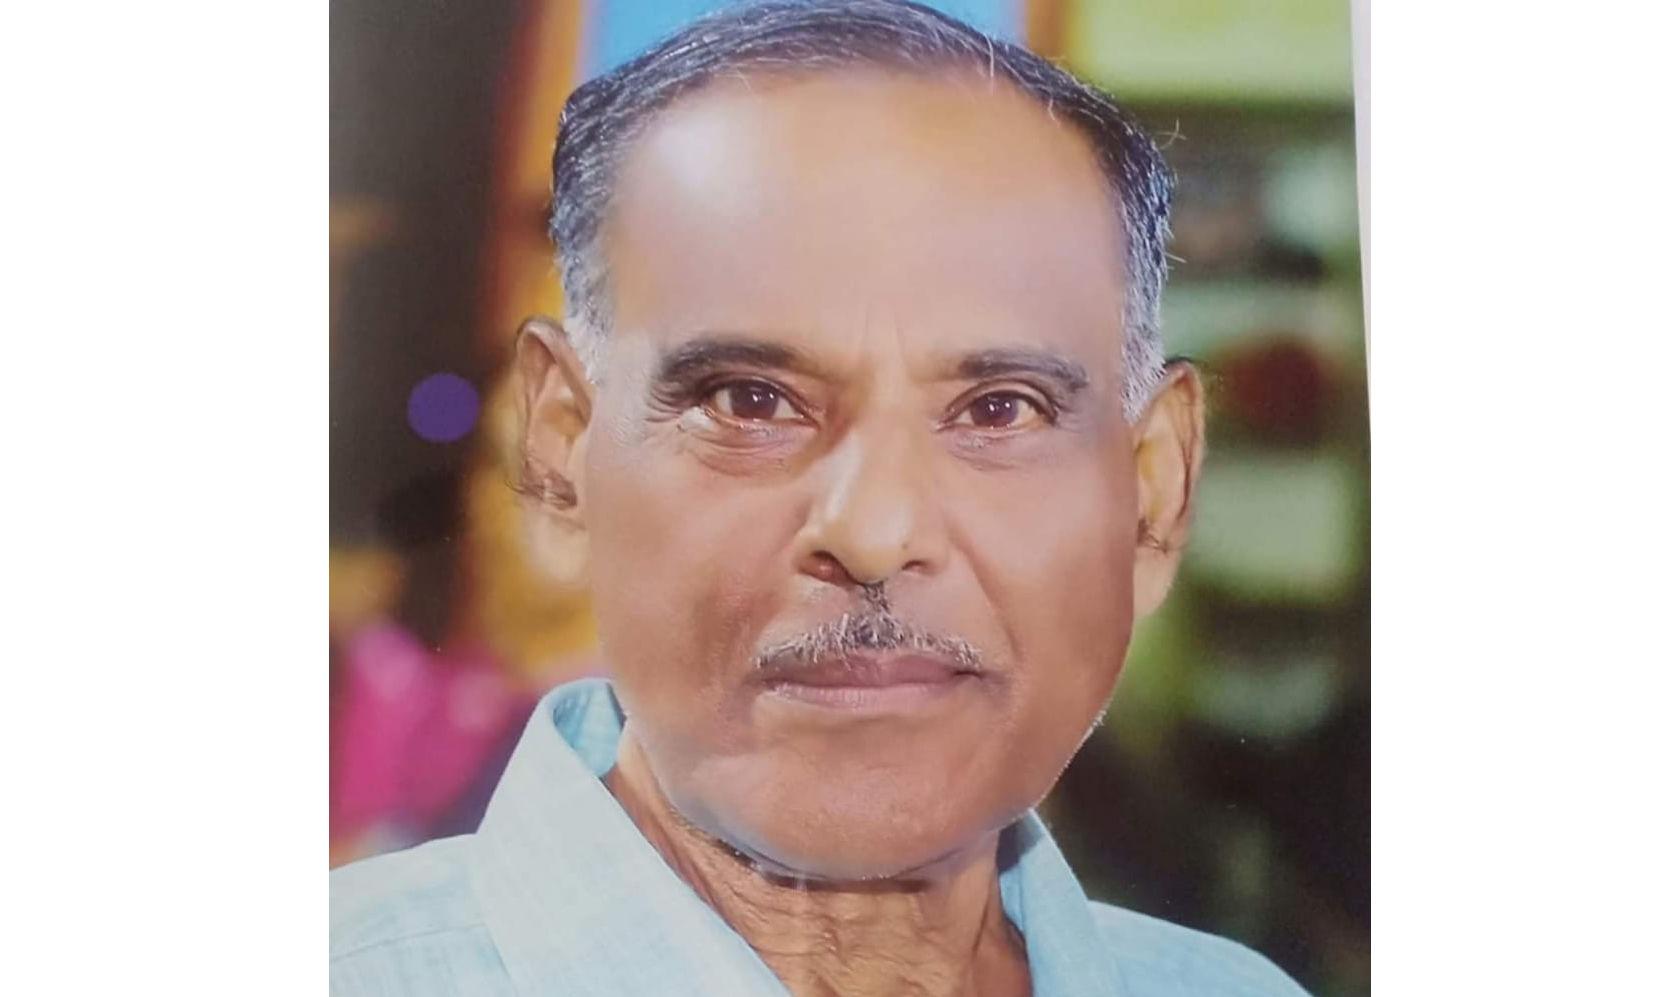 സിപിഎം വയനാട് മുന് ജില്ലാ സെക്രട്ടറി എം വേലായുധന് അന്തരിച്ചു